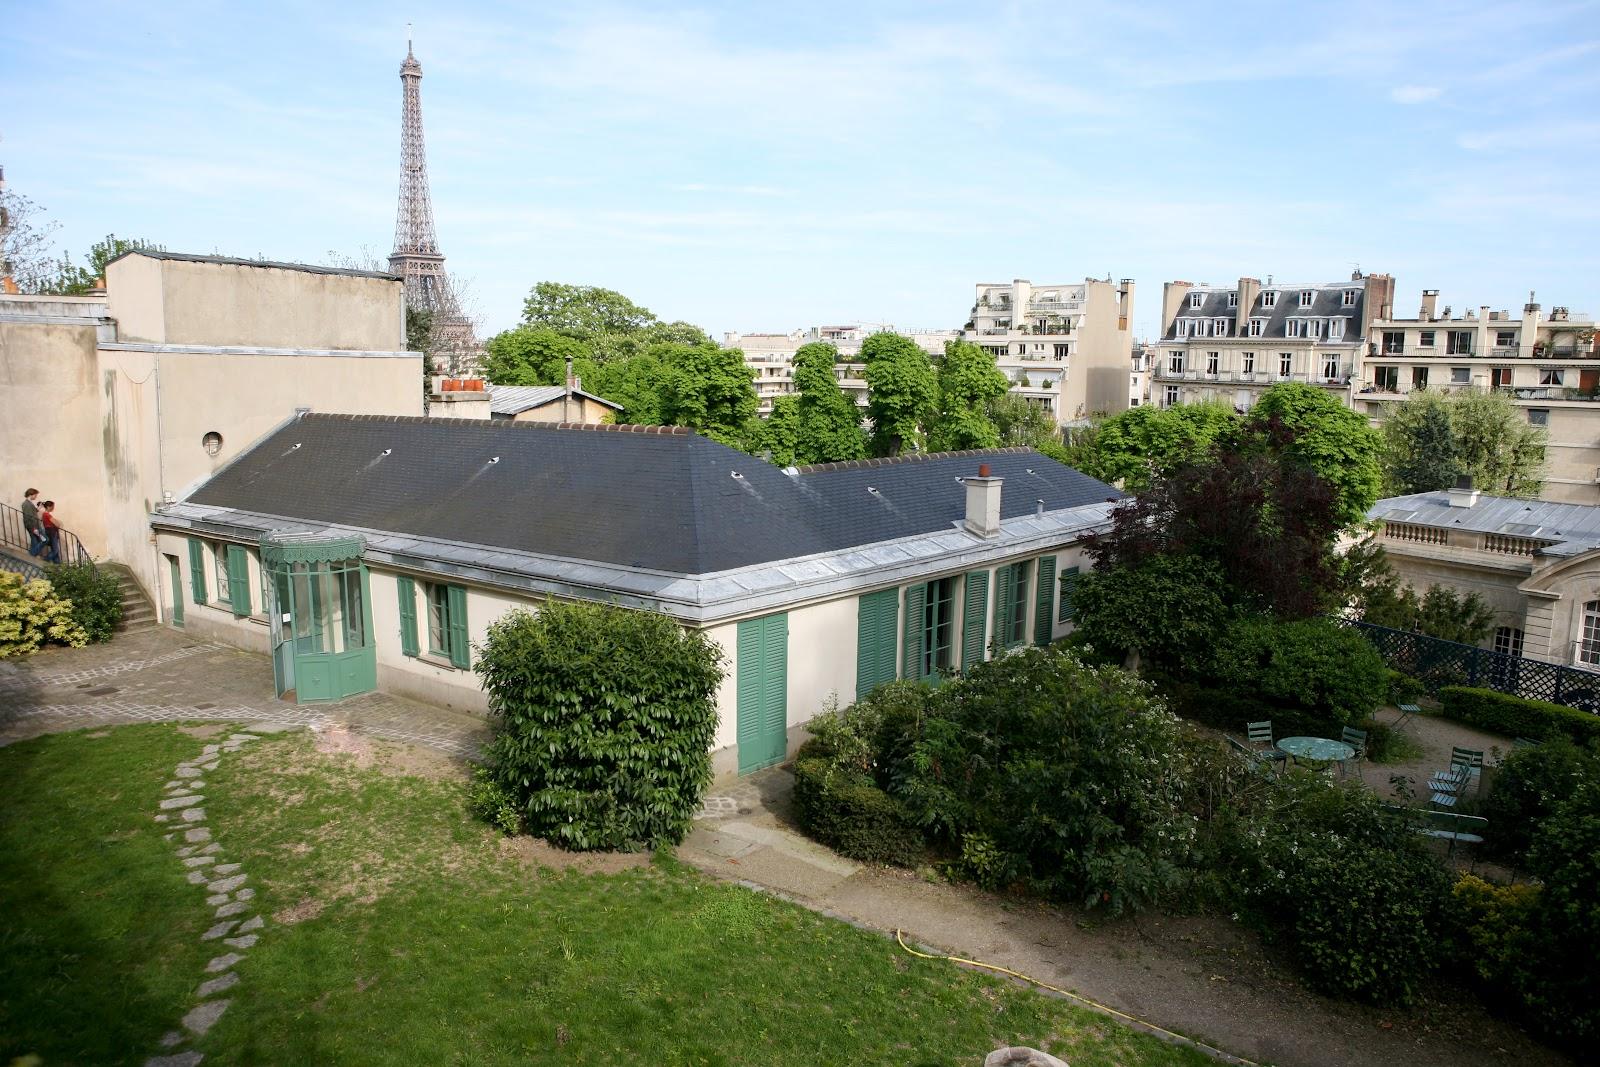 museums in paris france maison de balzac museum in paris france. Black Bedroom Furniture Sets. Home Design Ideas